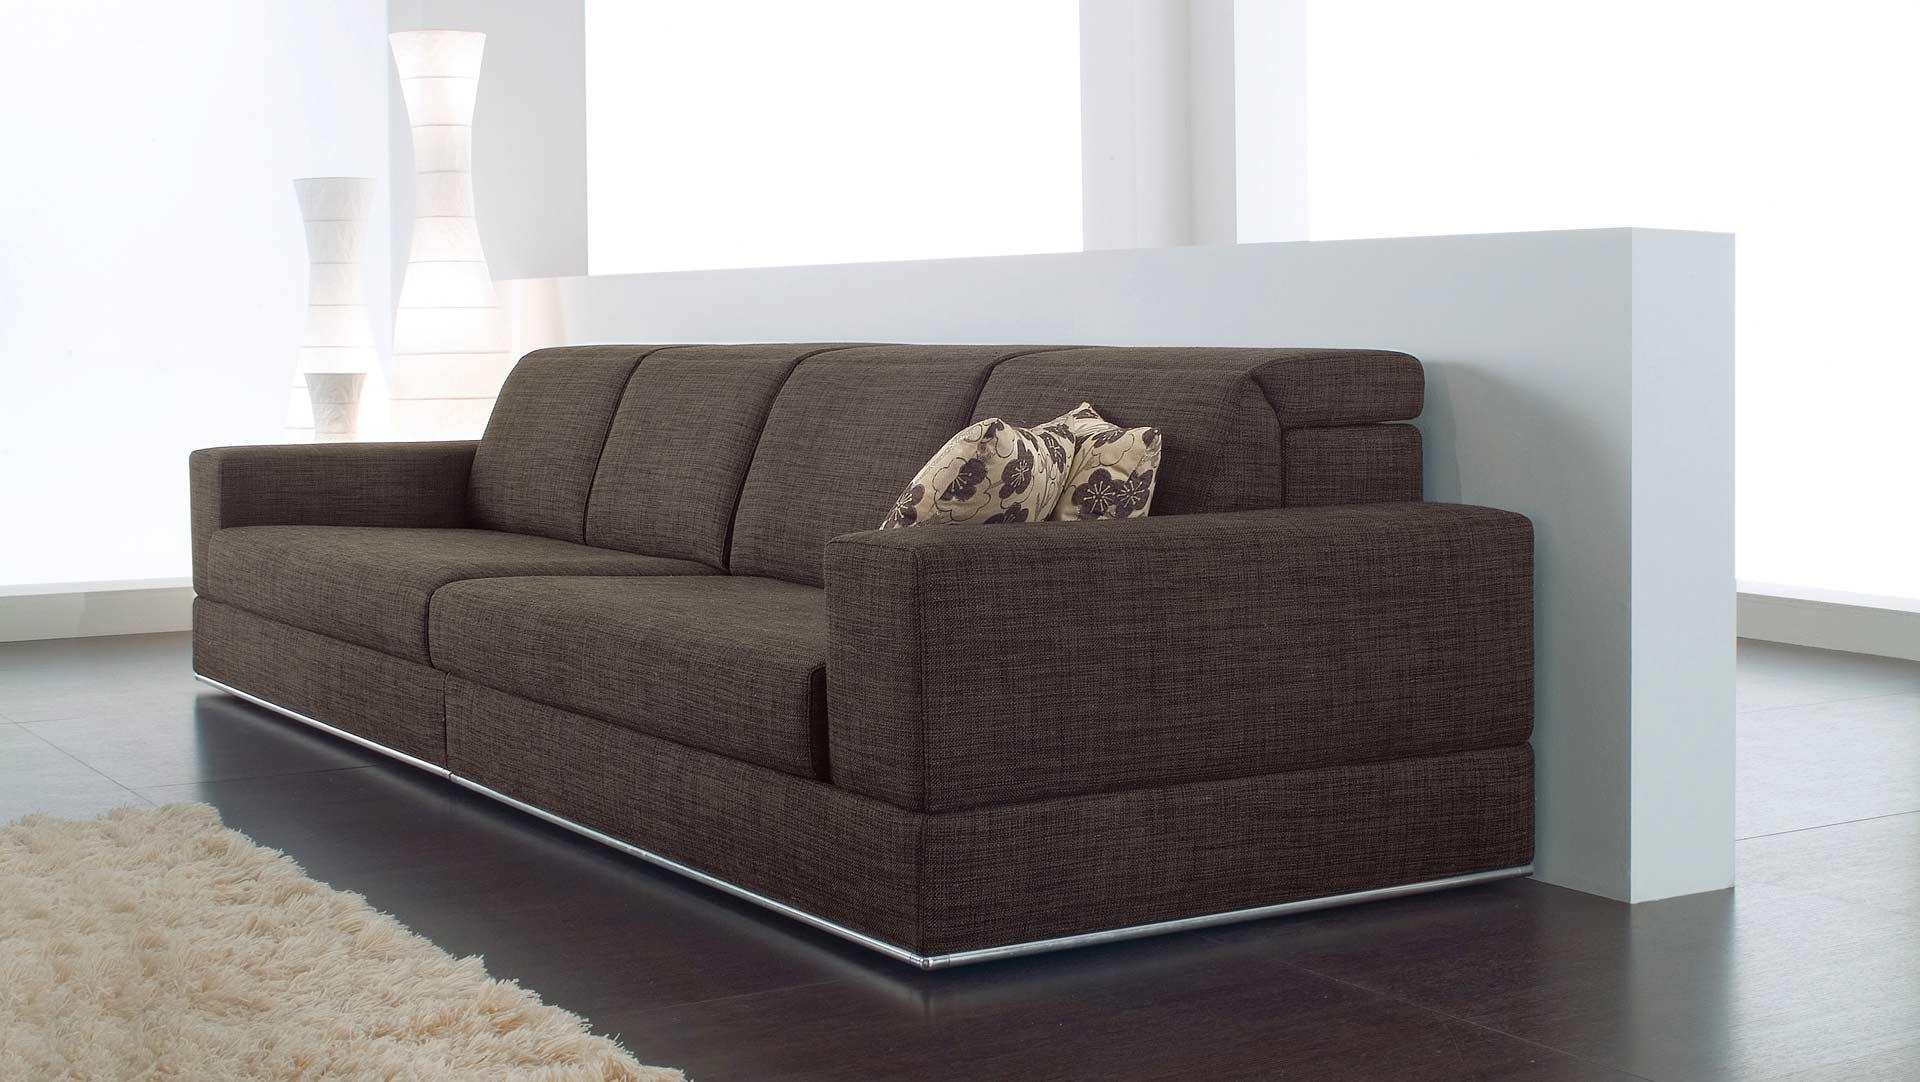 Produzione divani milano produzione artigianale divani a for Casa milano divani